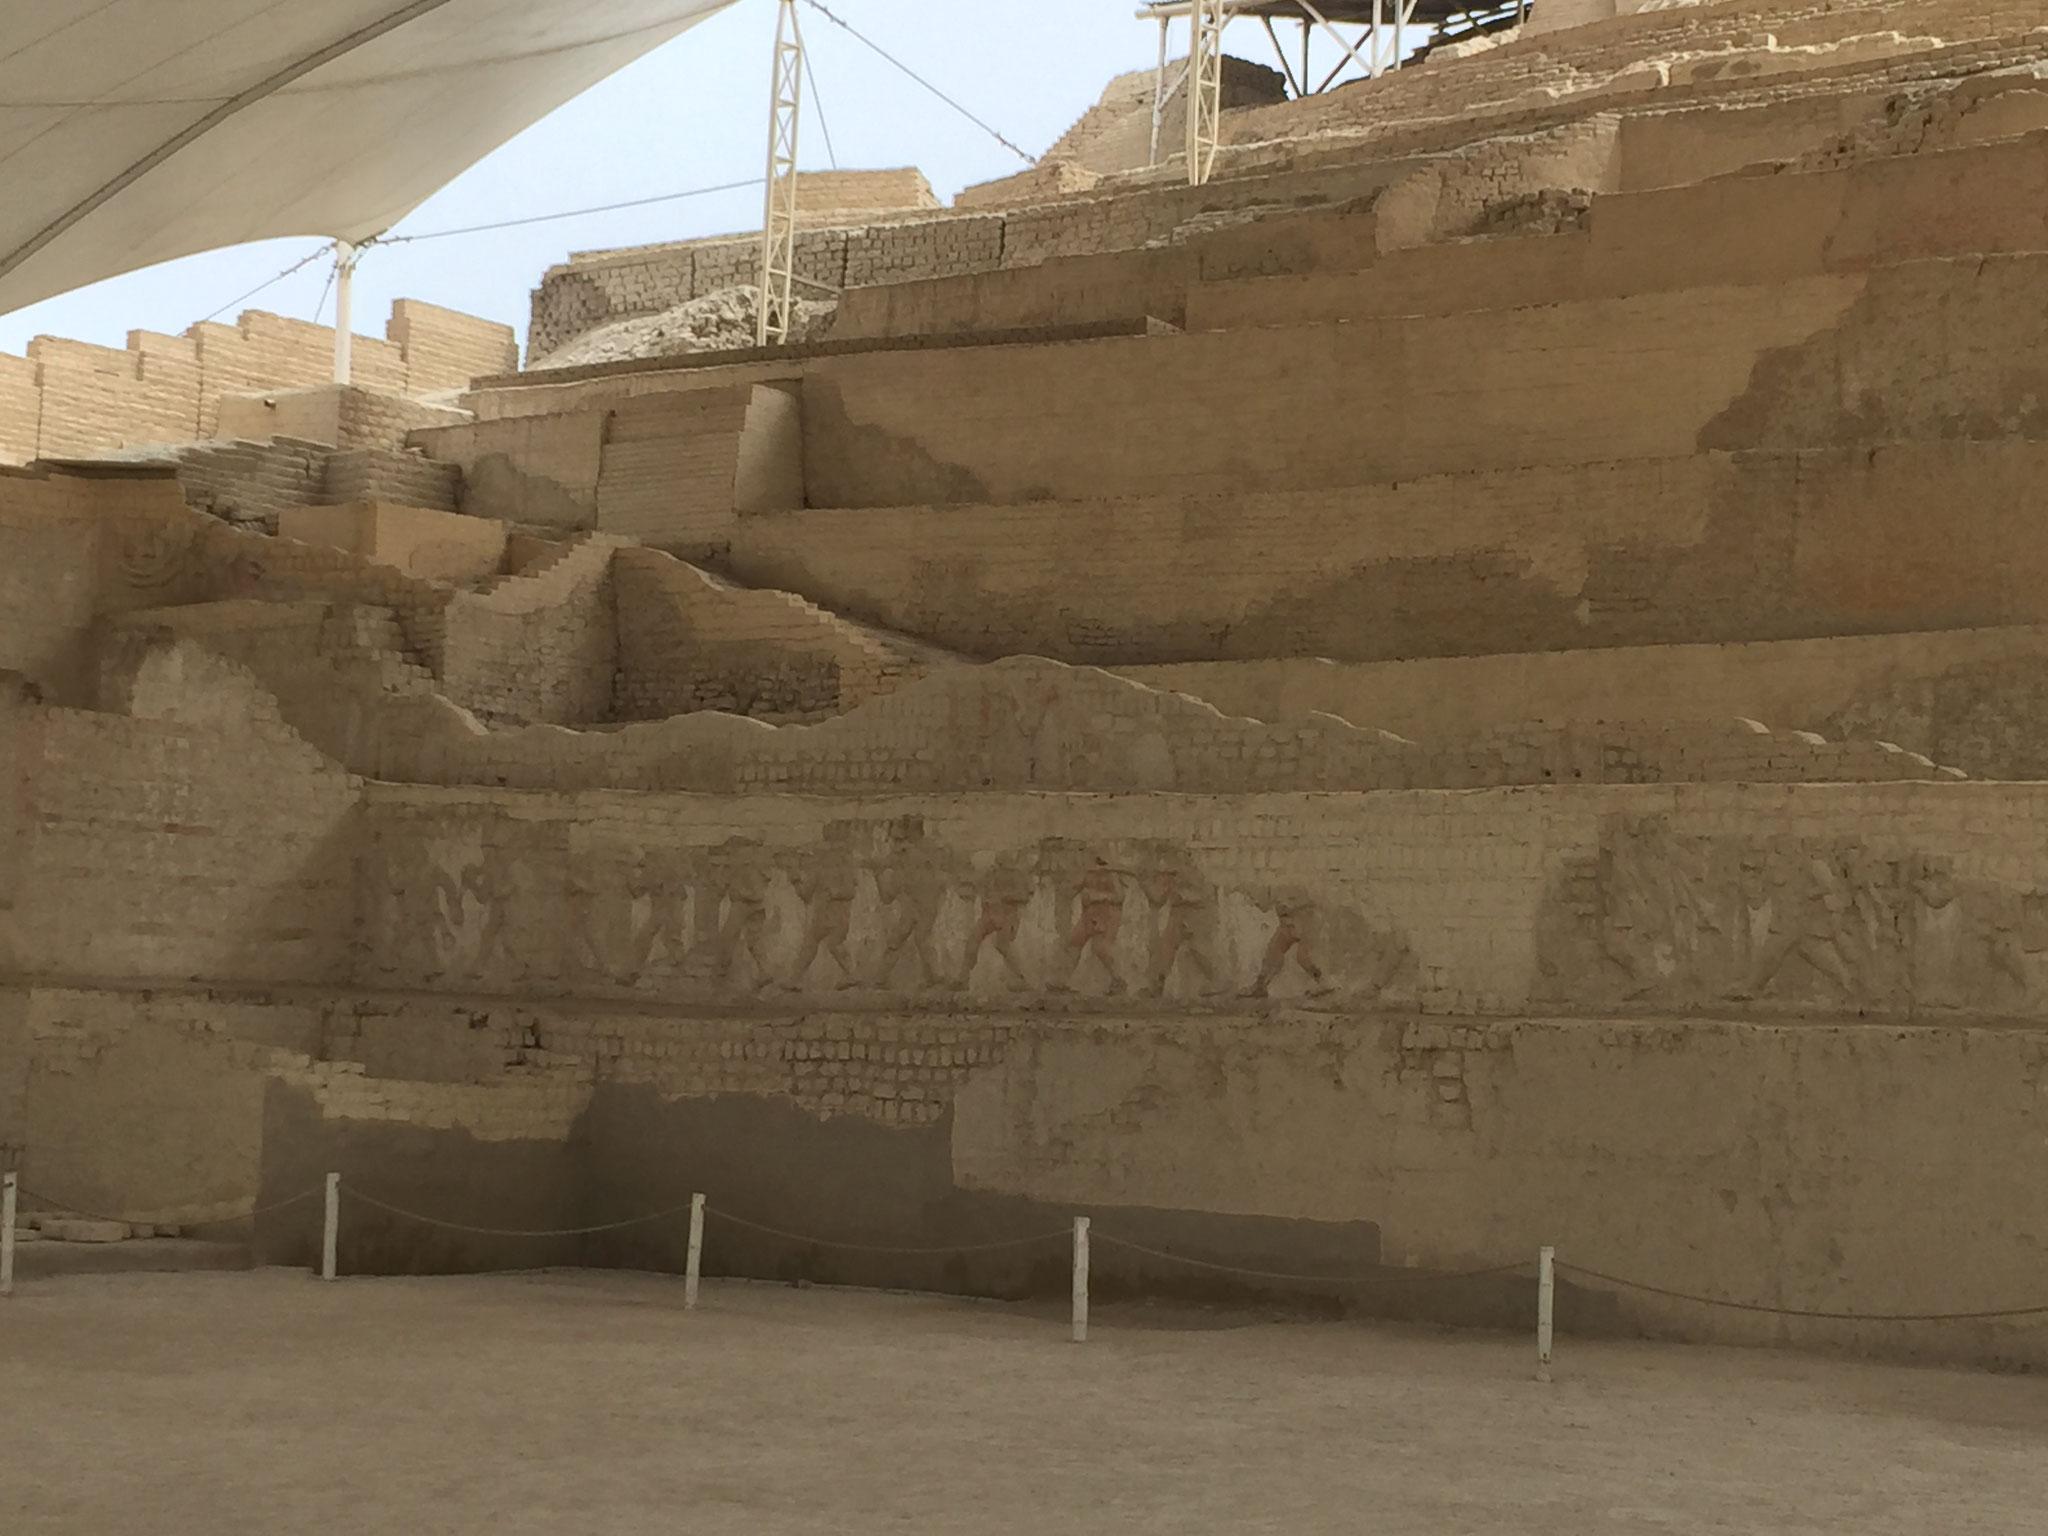 Pyramide El Brujo mit Wandverzierungen